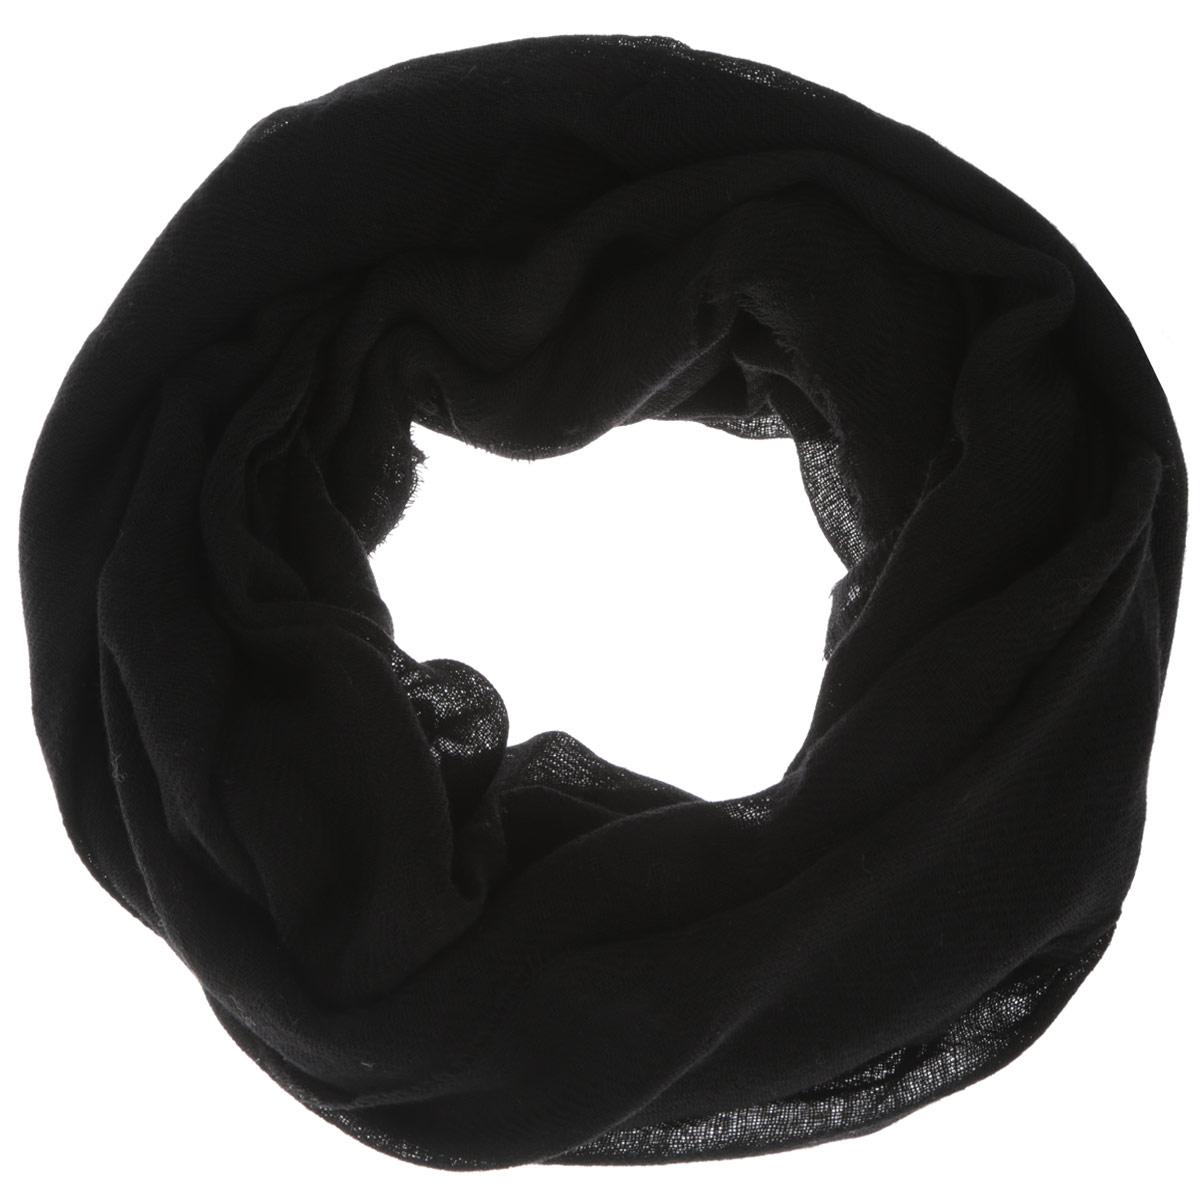 Шарф женский. K60K601491K60K601491Женский шарф Calvin Klein согреет вас в холодное время года, а также станет изысканным аксессуаром, который призван подчеркнуть ваш стиль и индивидуальность. Оригинальный шарф выполнен из 100% шерсти, оформлен принтом в виде названия бренда и украшен тонкой бахромой по краям. Такой шарф станет превосходным дополнением к любому наряду и защитит вас от ветра и холода.